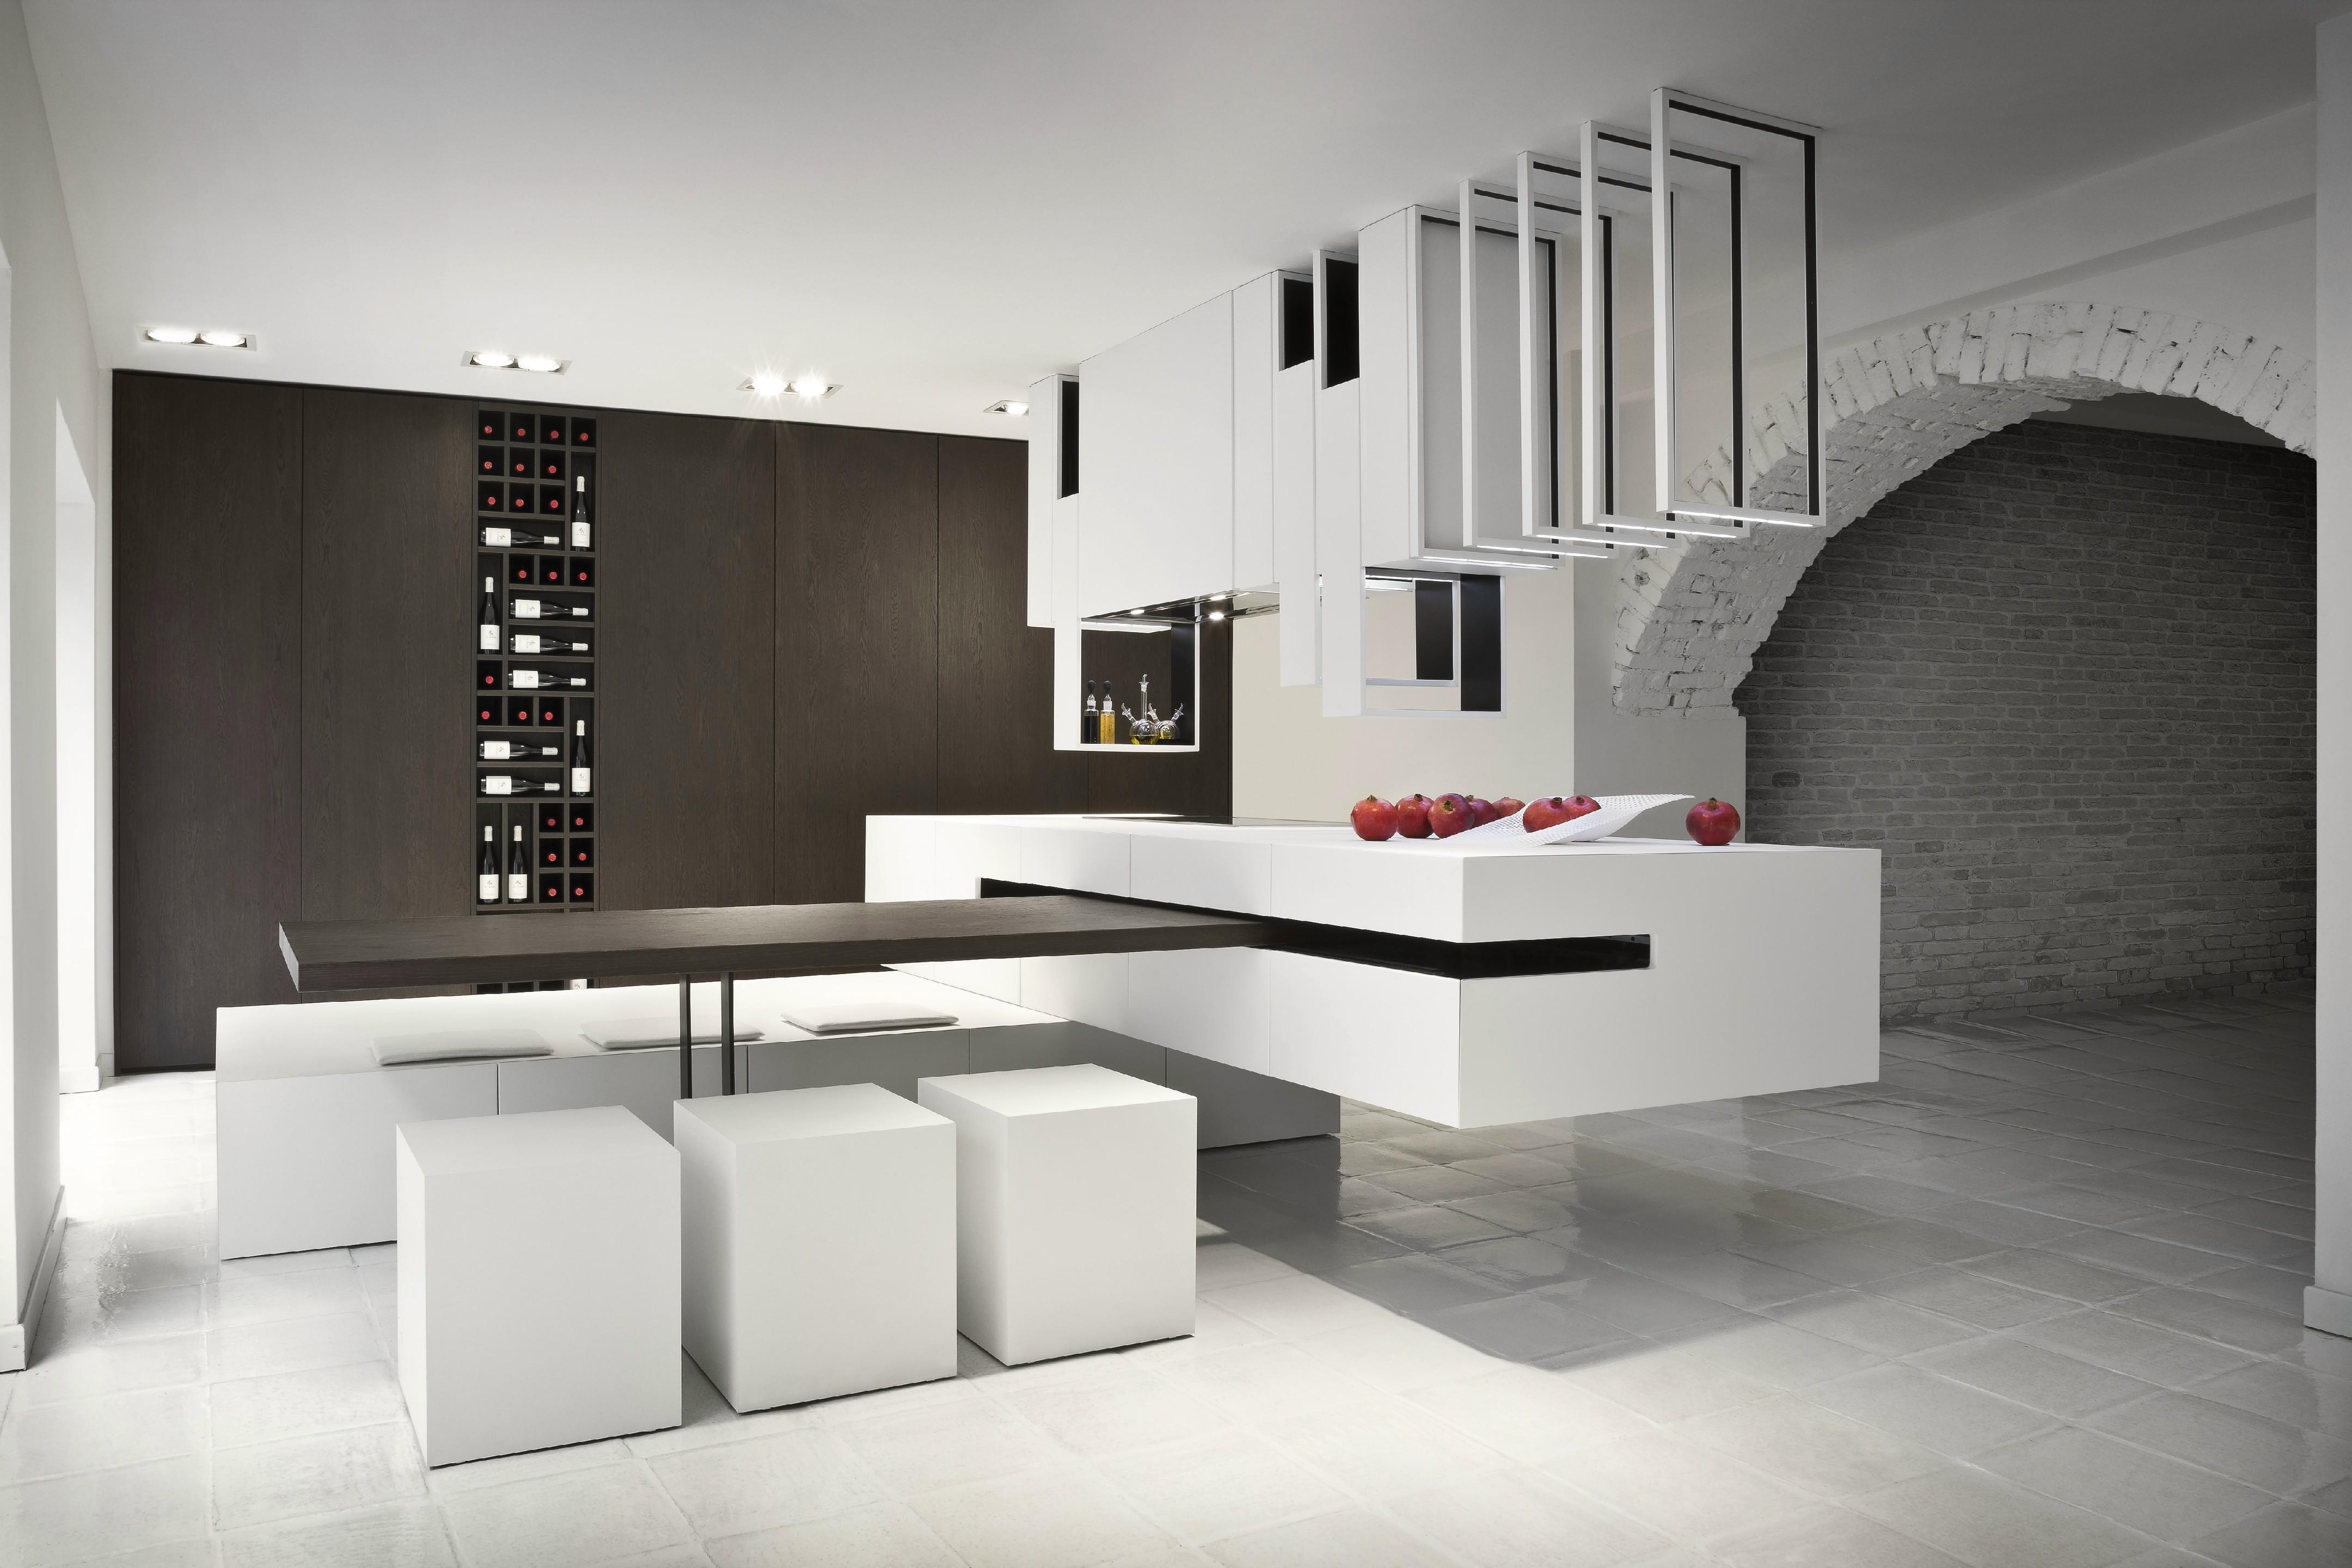 18 - Cucine moderne bianche e nere ...